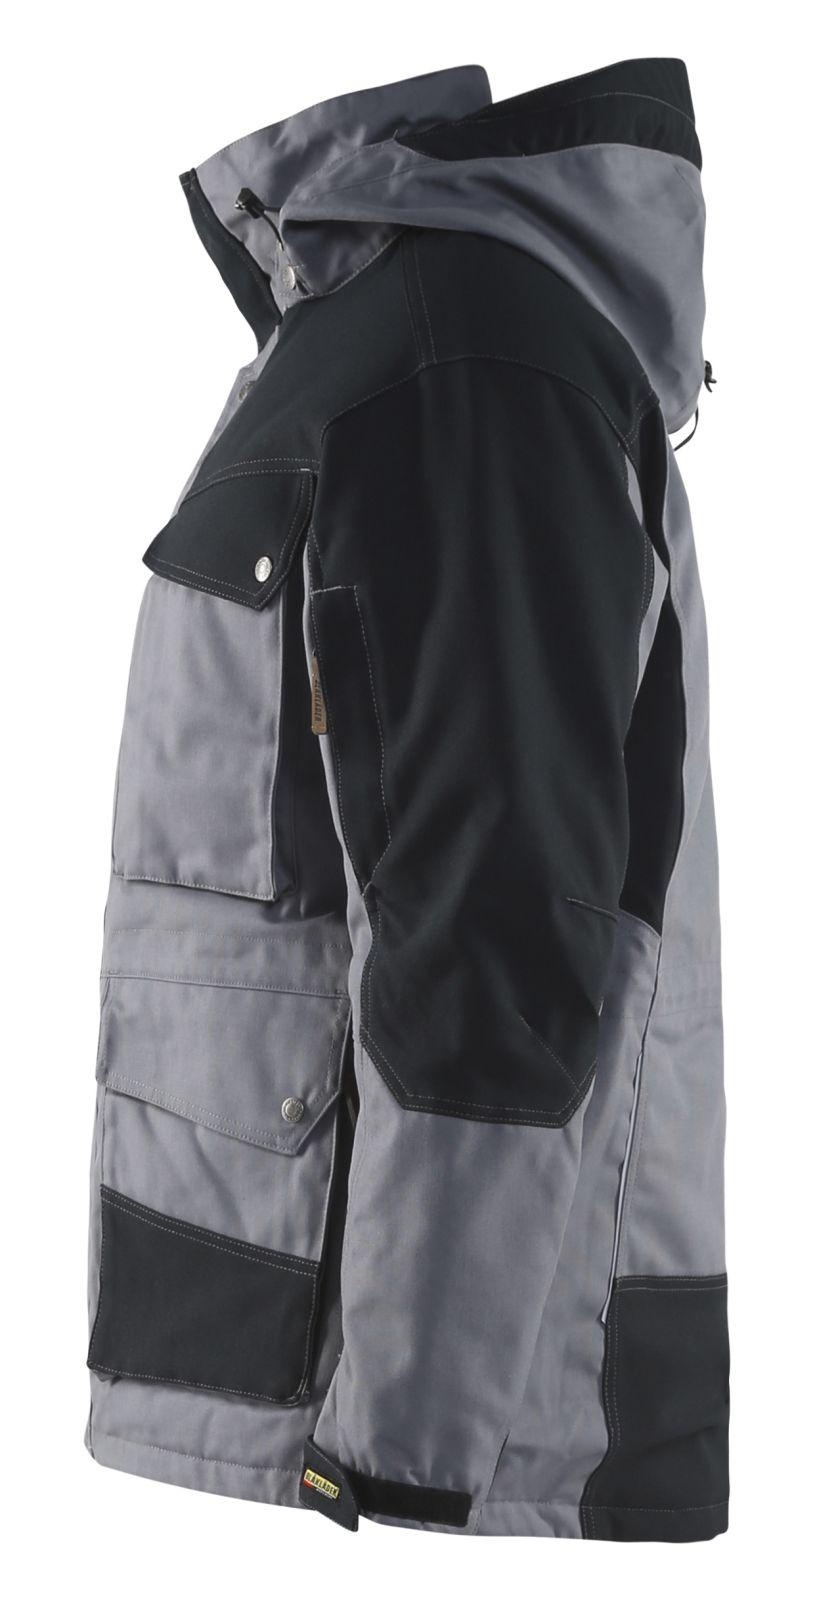 Blaklader Jassen 44341945 grijs-zwart(9499)